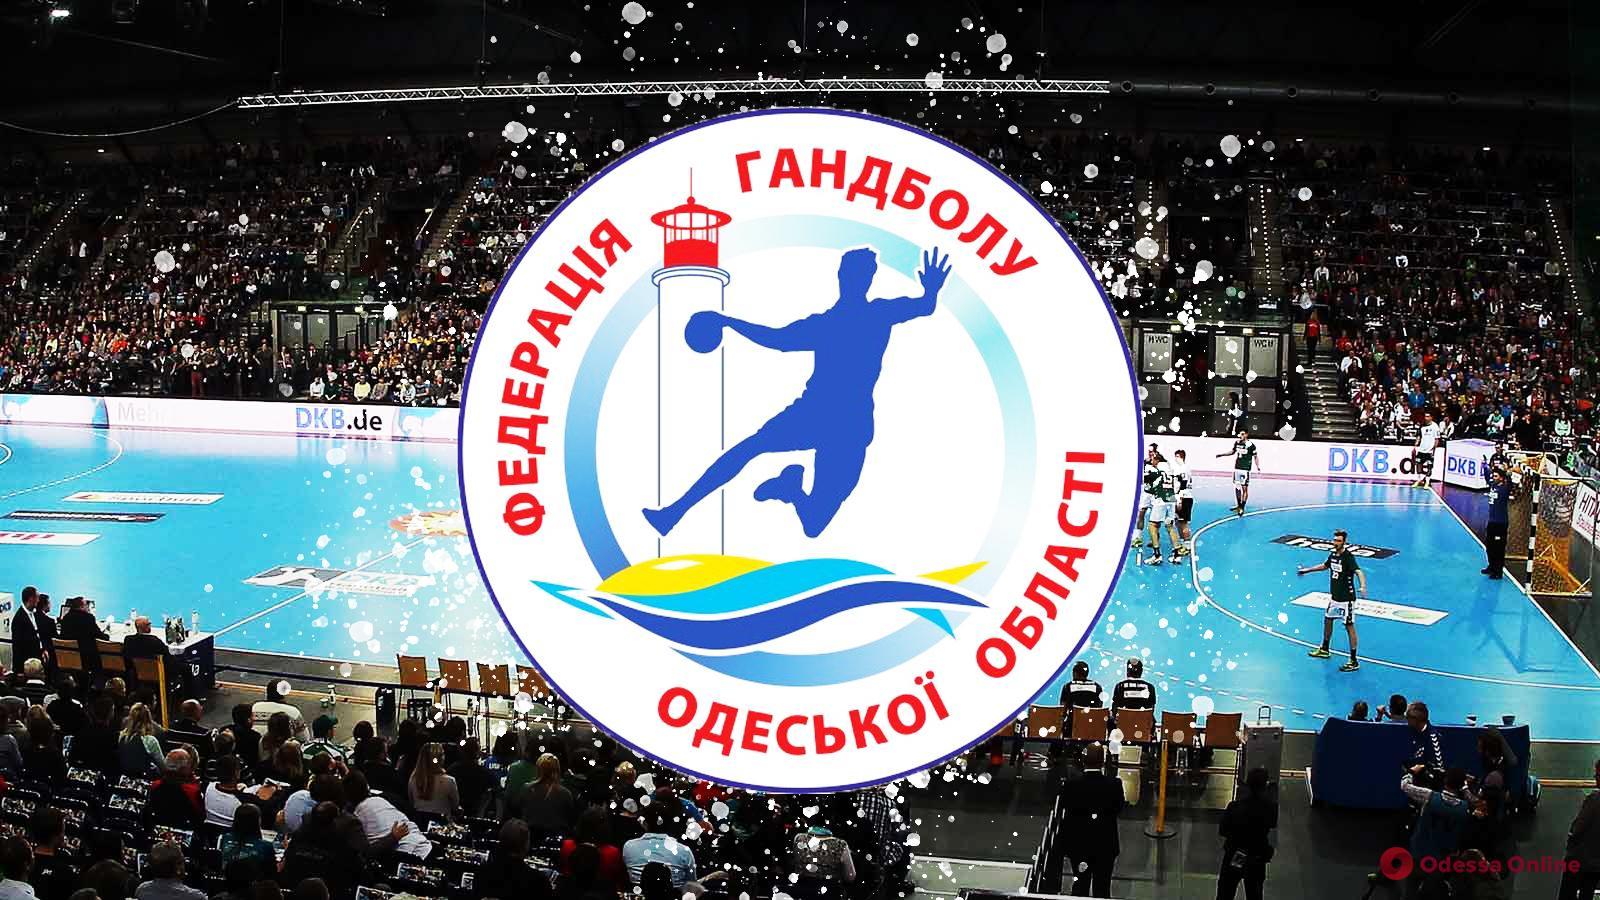 Гандбол: «Одесса» проведет два еврокубковых матча в Маяках